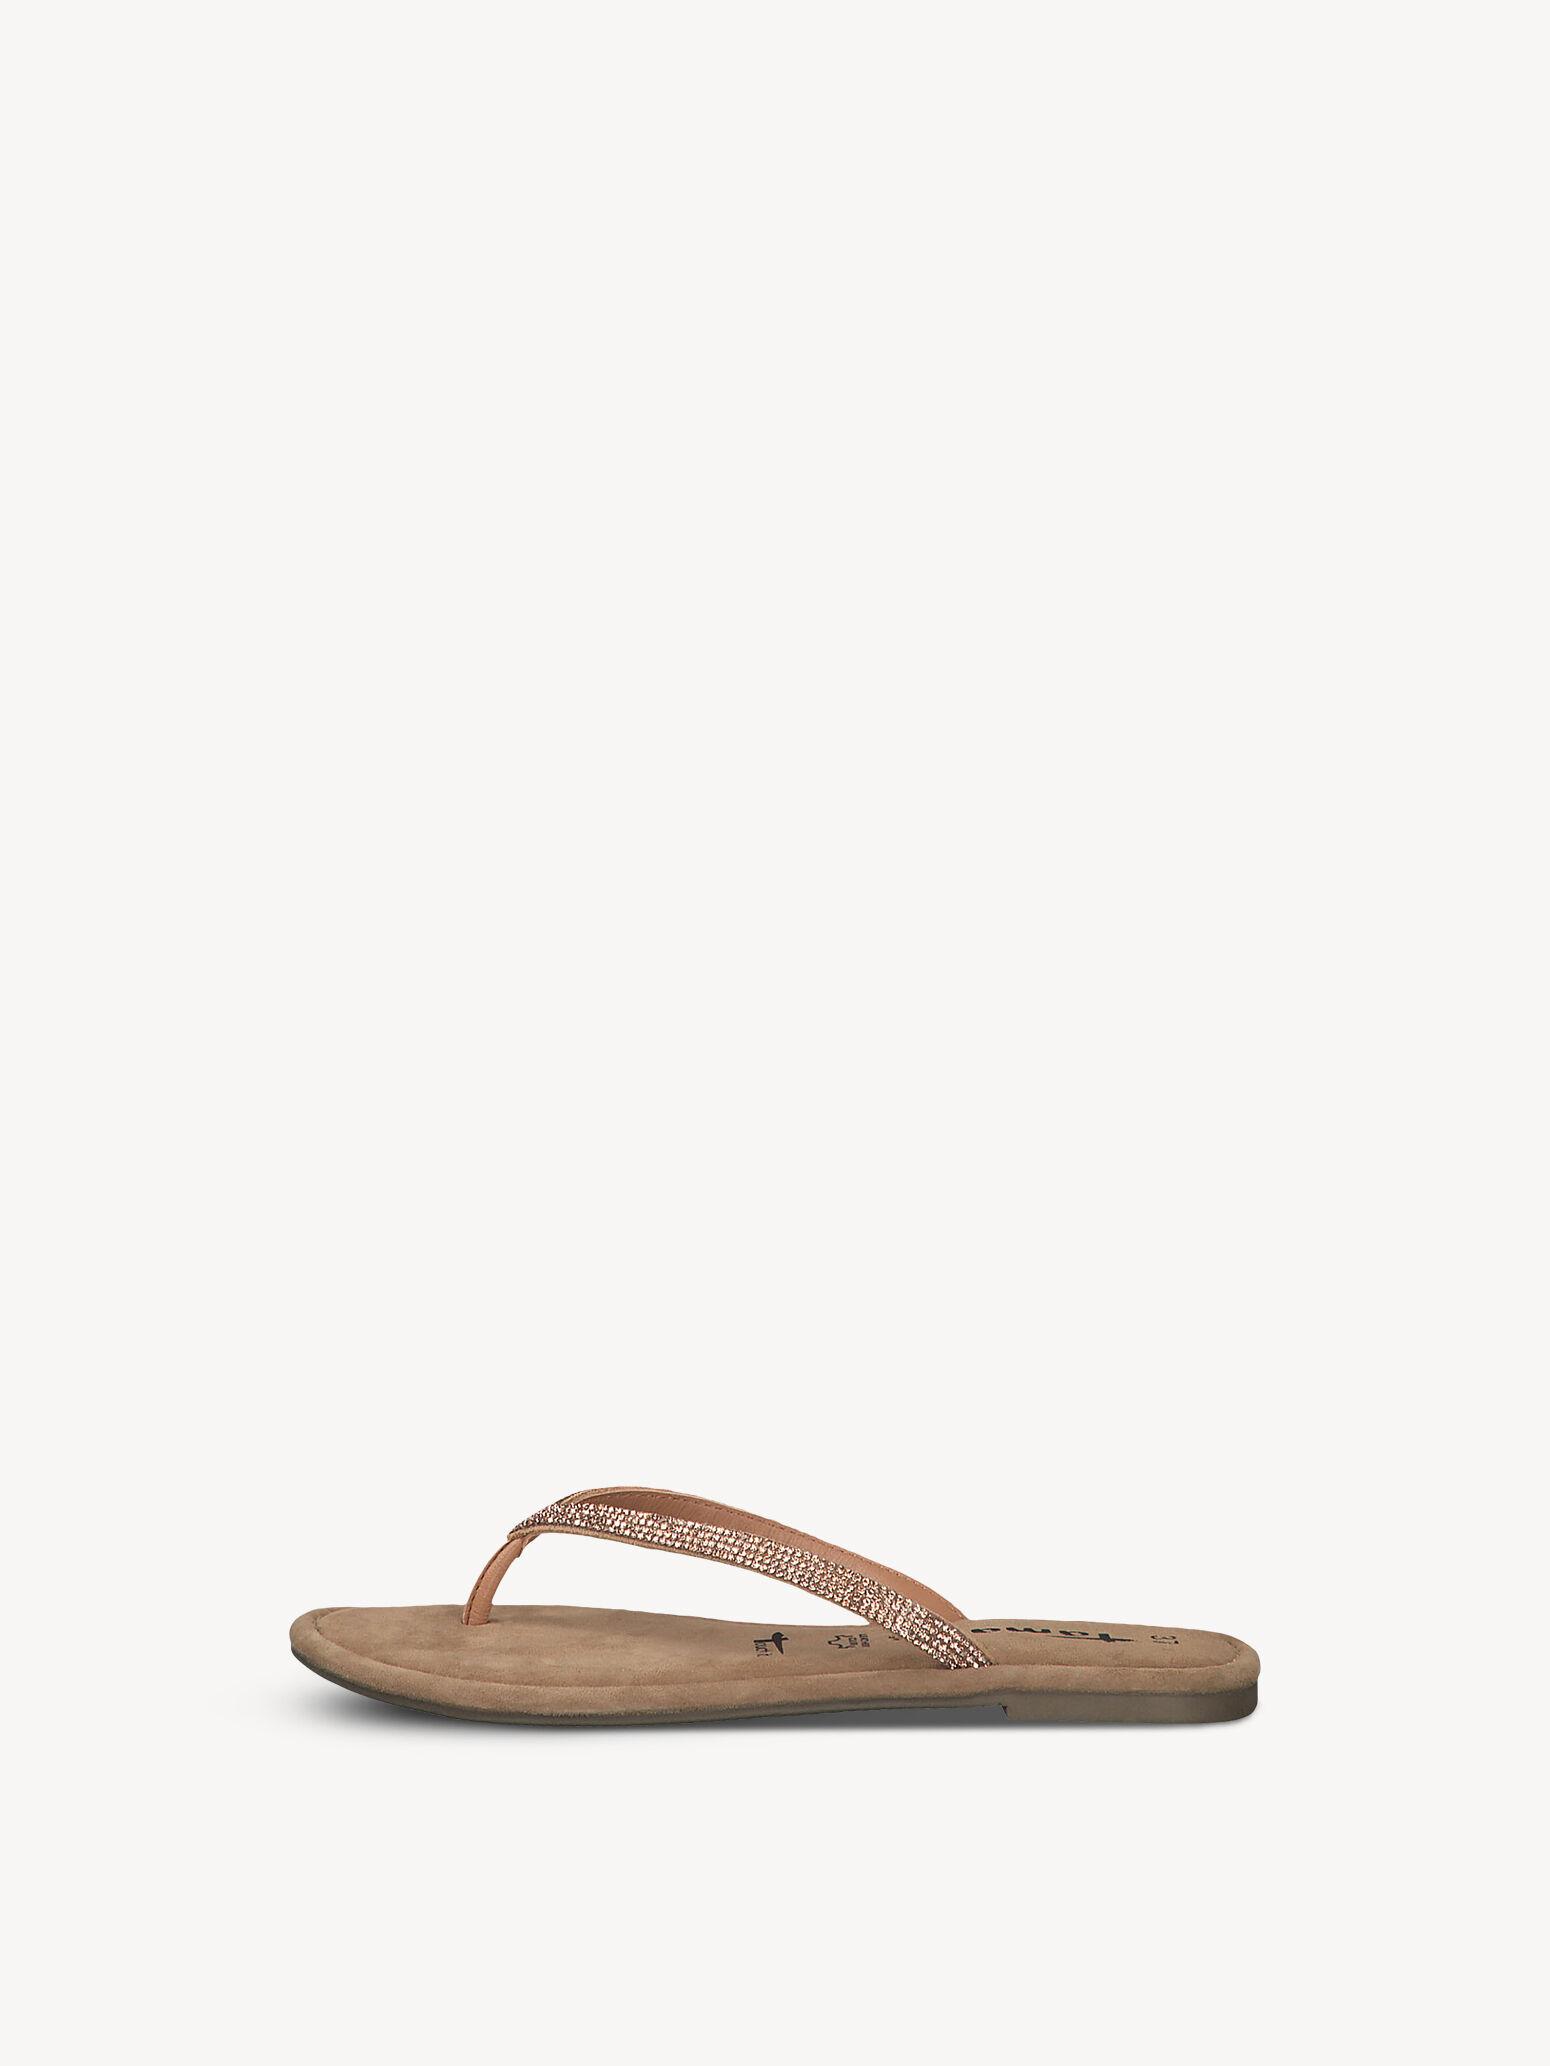 Kaufen Jetzt Jetzt Tamaris Kaufen Sandalen Sandalen Online Sandalen Tamaris Online Tamaris 29YDeHIWE